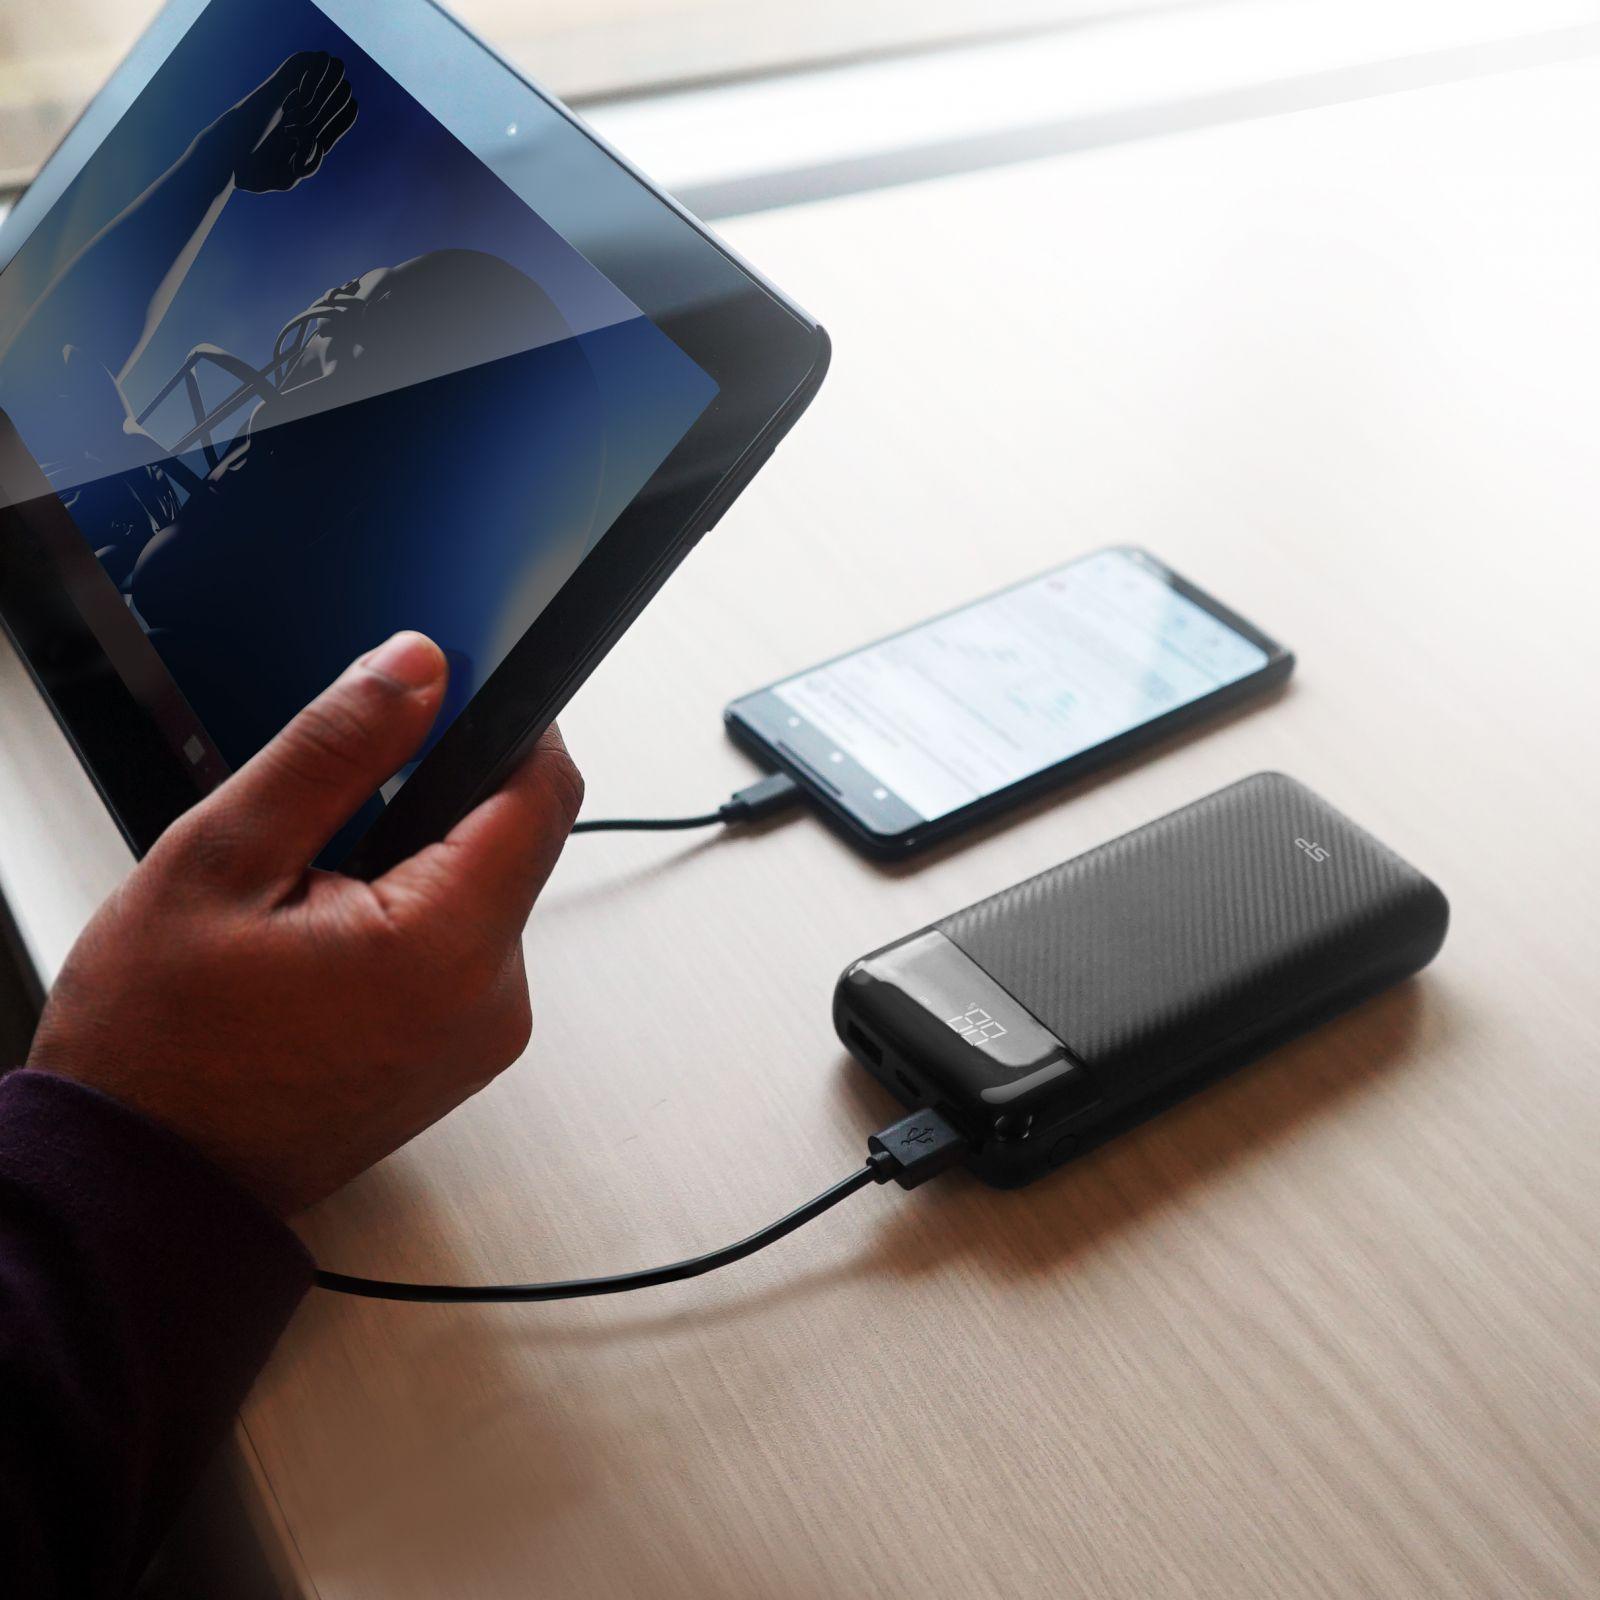 Silicon Power выпустил аж 5 новых внешних аккумуляторов (ps lifestyle 1 1)